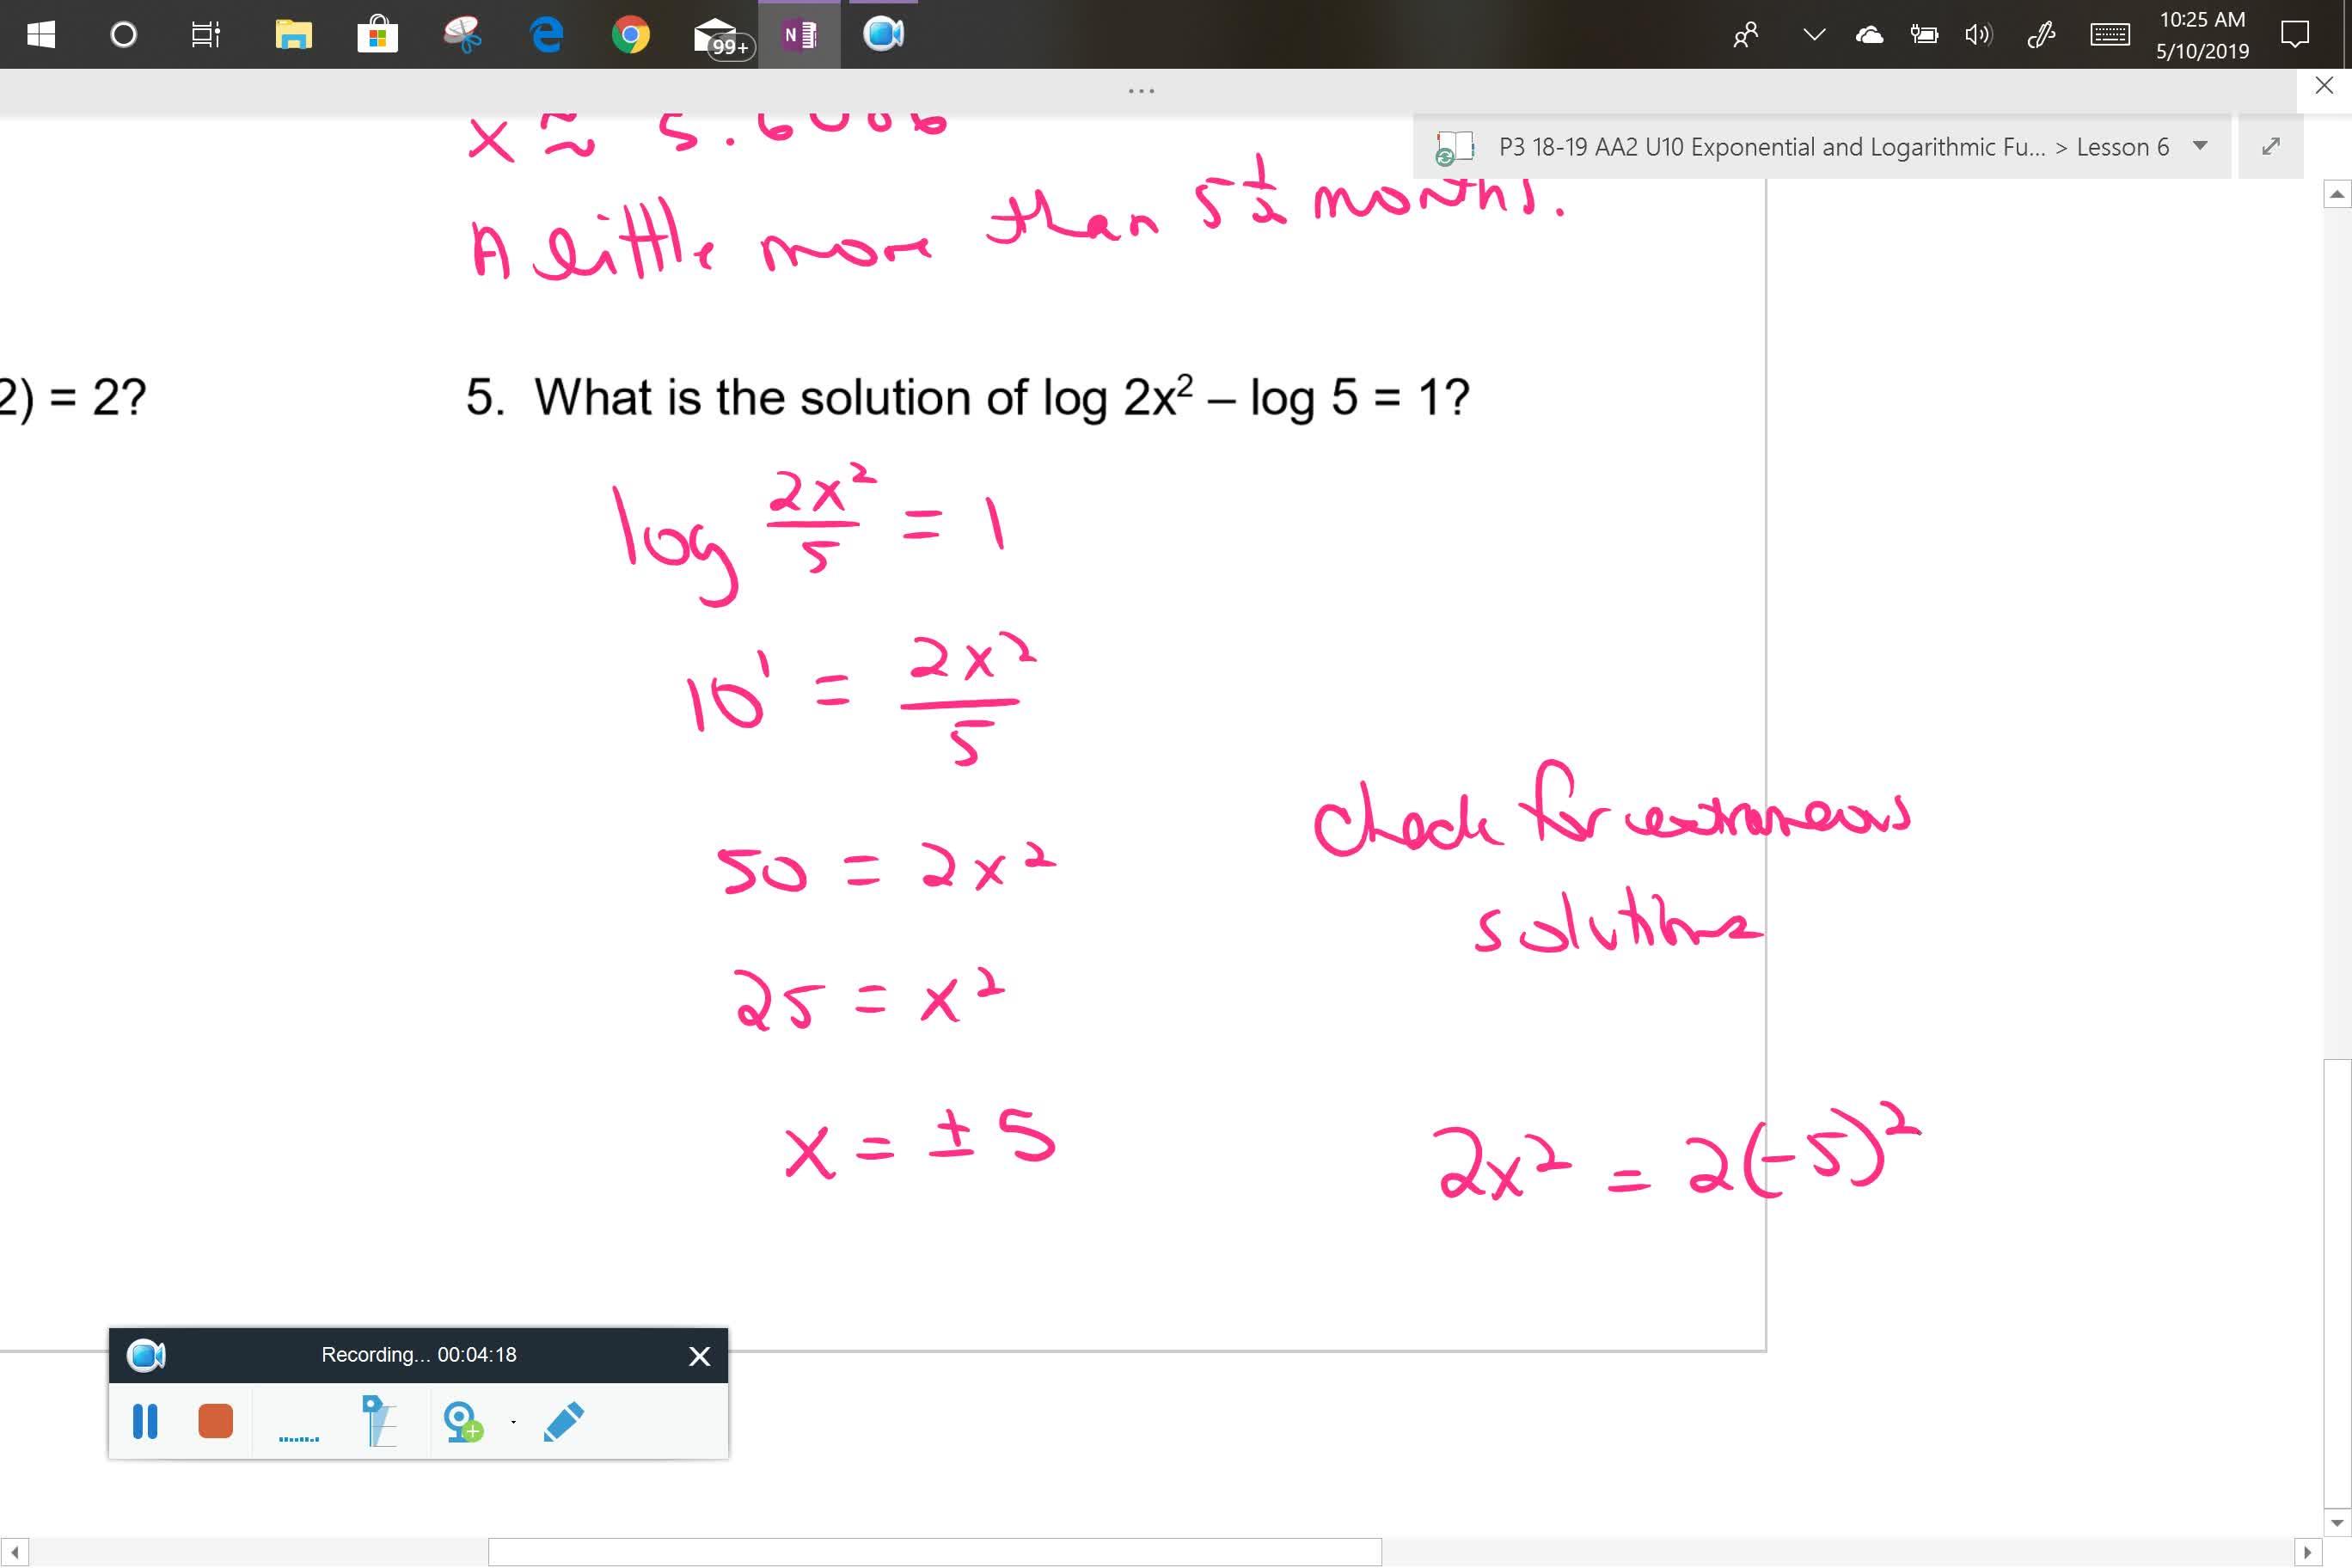 AA2 U10L6 problems 4 and 5